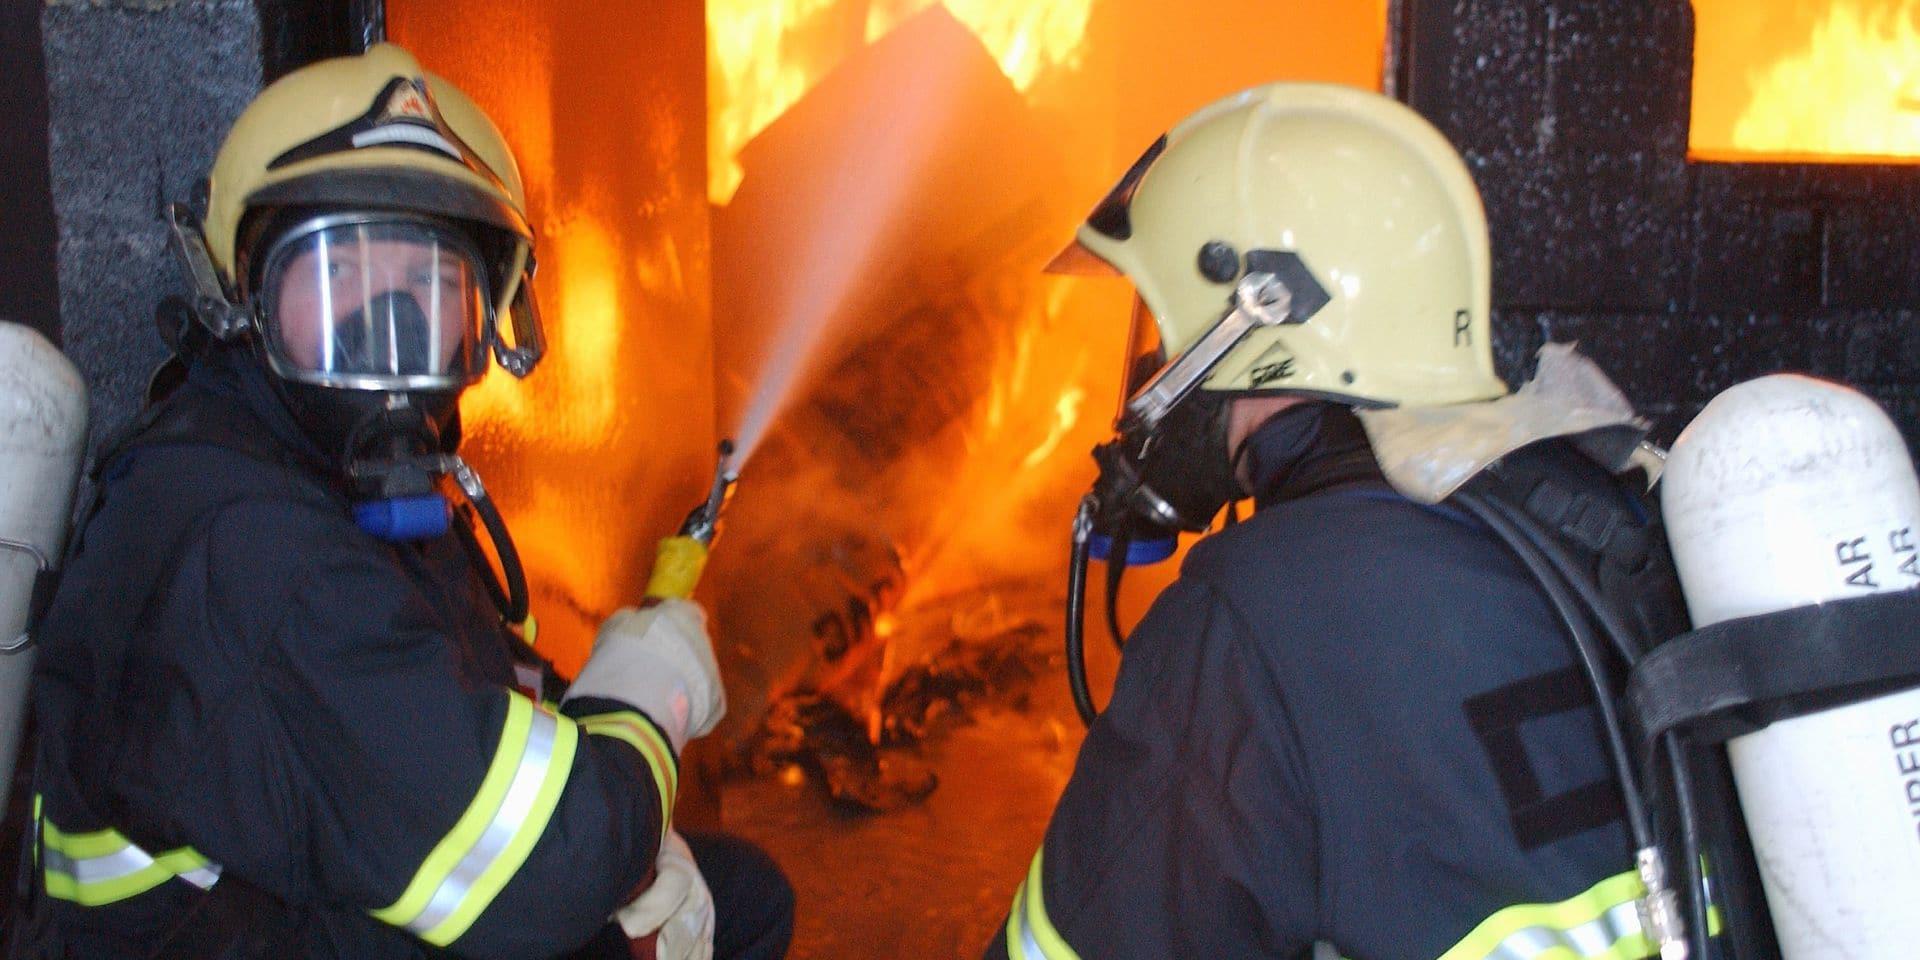 Une menuiserie part en fumée à Blegny